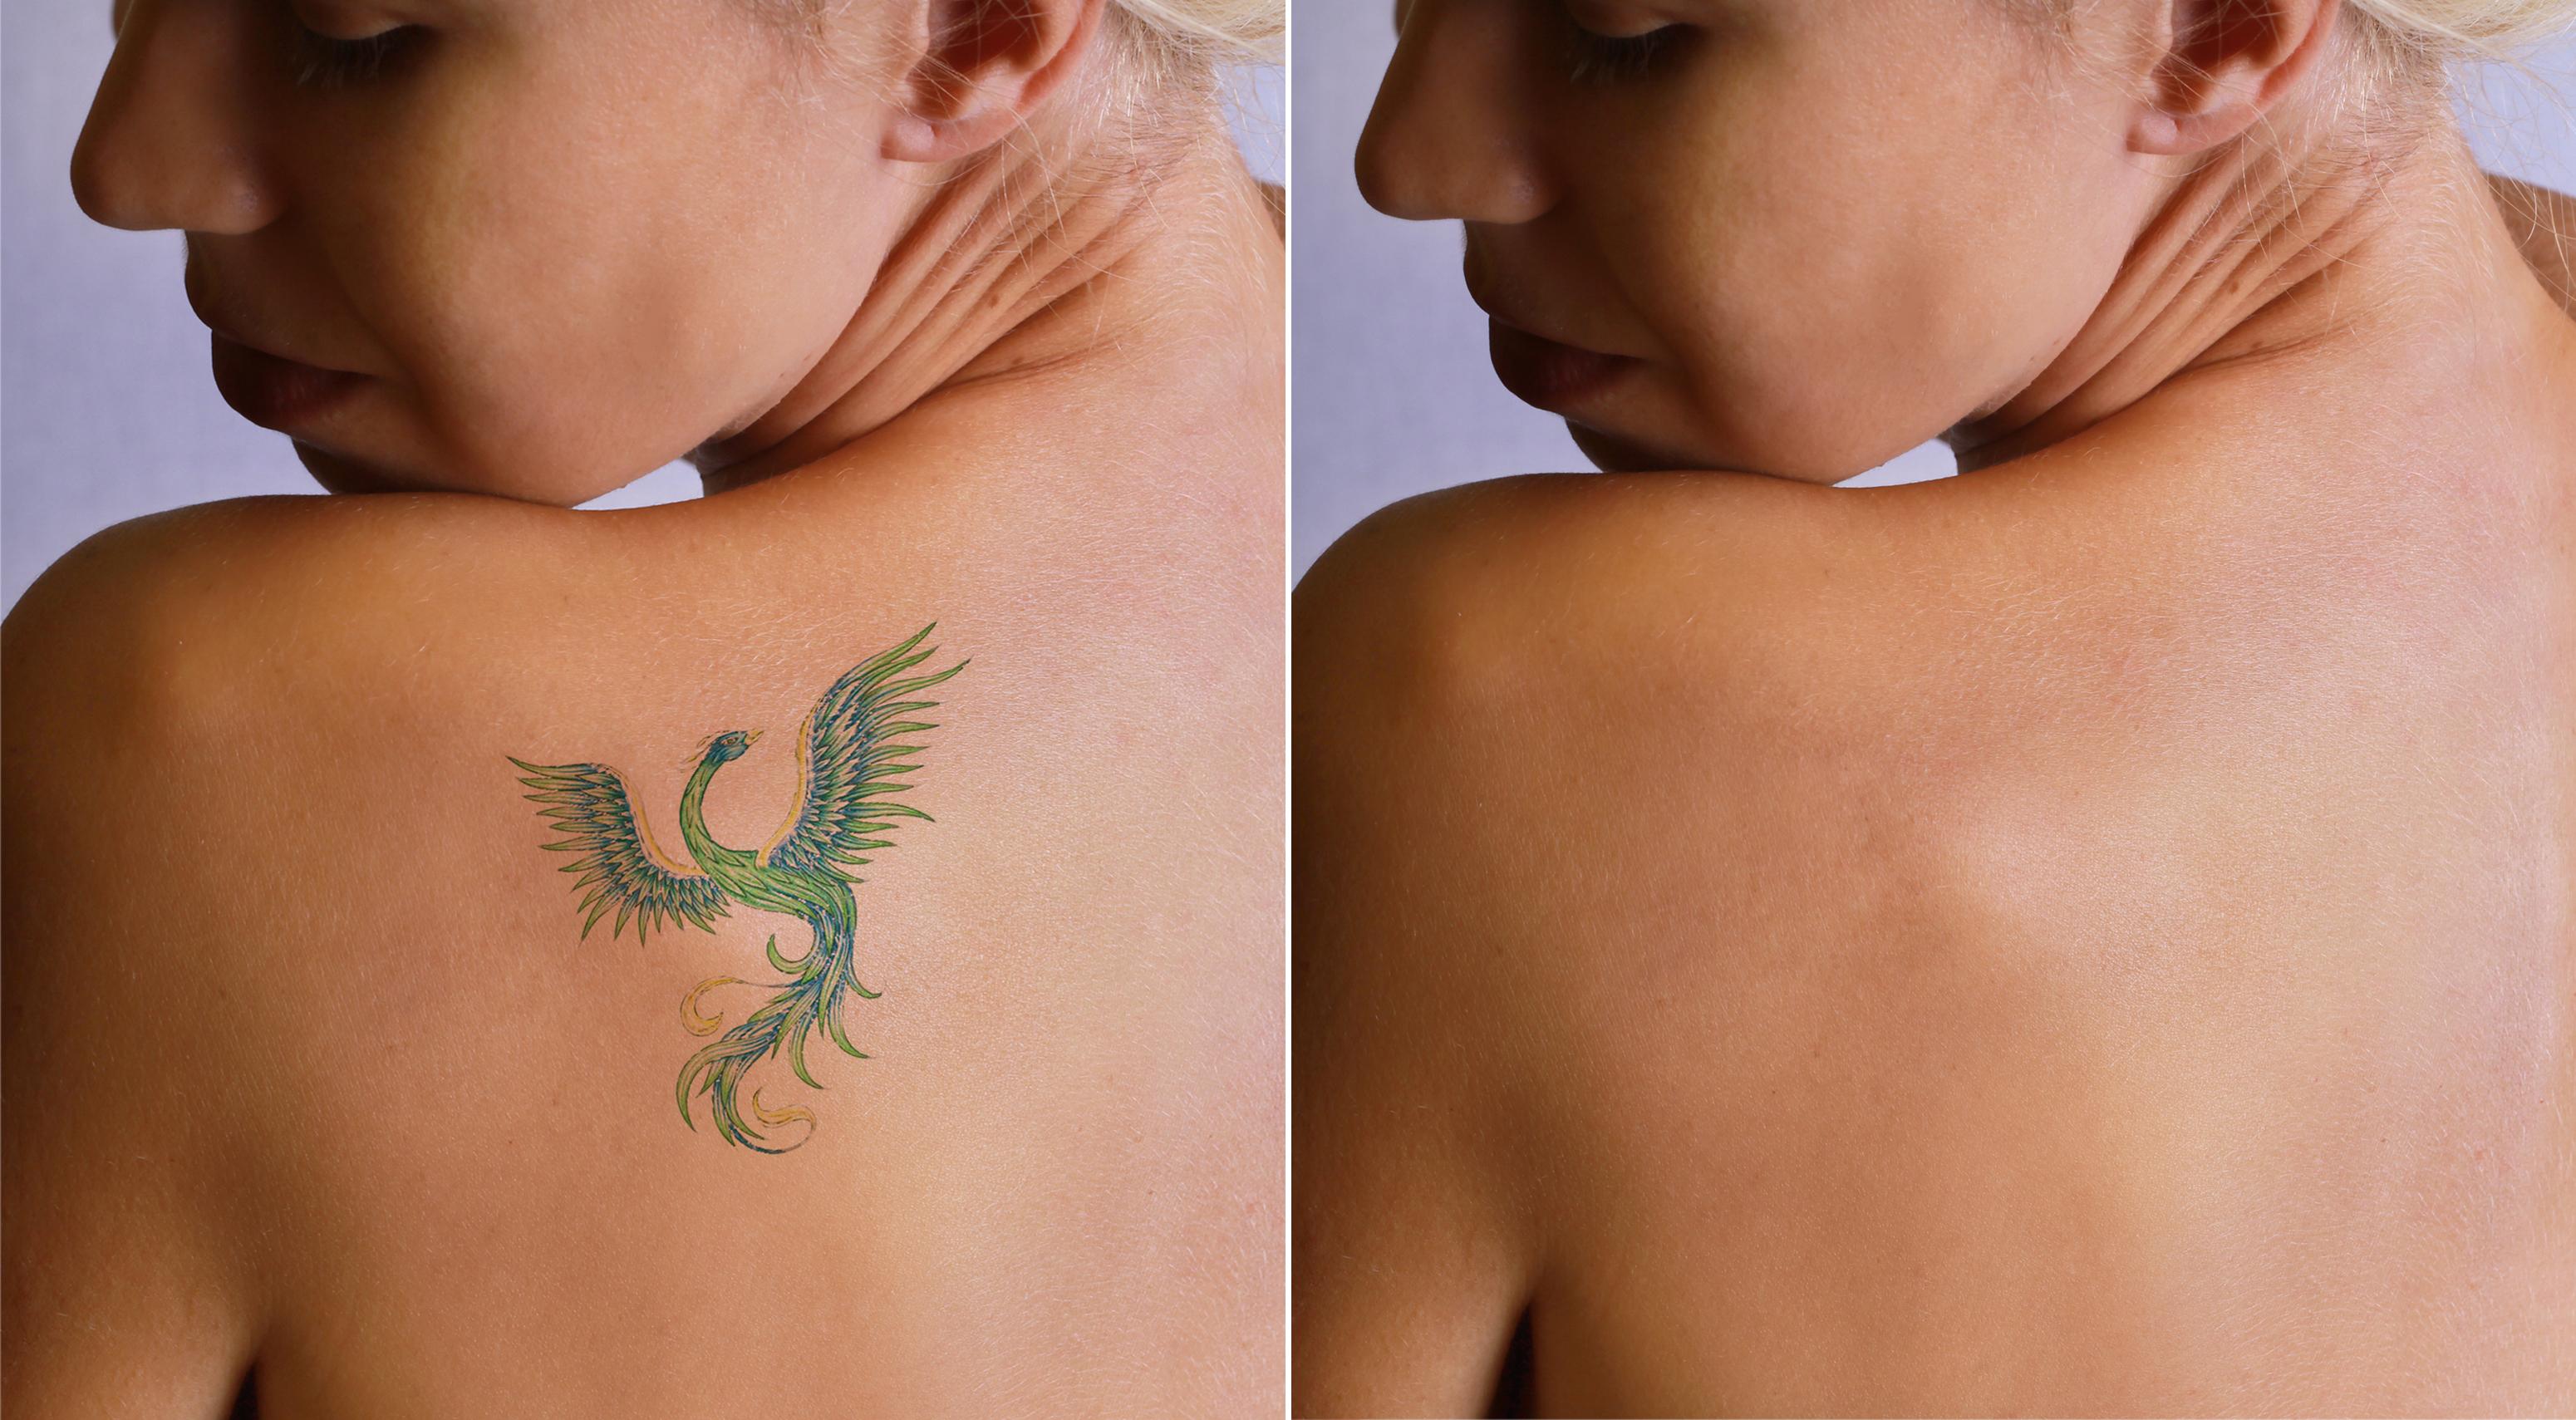 Chirurgiczne Usunięcie Tatuażu Zaufaneklinikipl